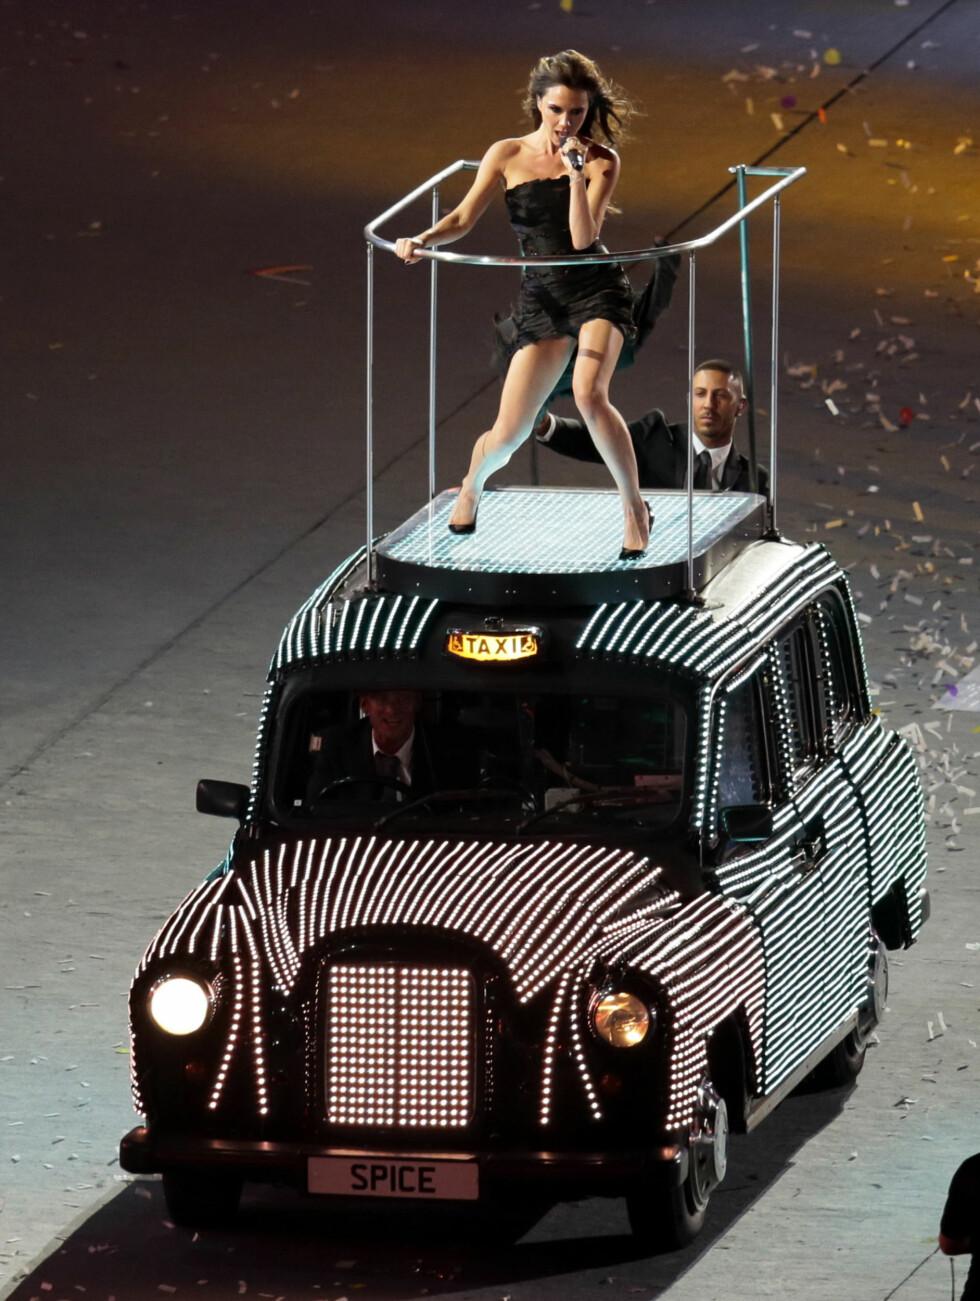 DROSJESTUNT: Victoria Beckham opptrådte sammen med Spice Girls på avslutningsseremonien til London-OL sommeren 2012 - iført høye hæler, på taket av en britisk drosjebil.   Foto: Ap